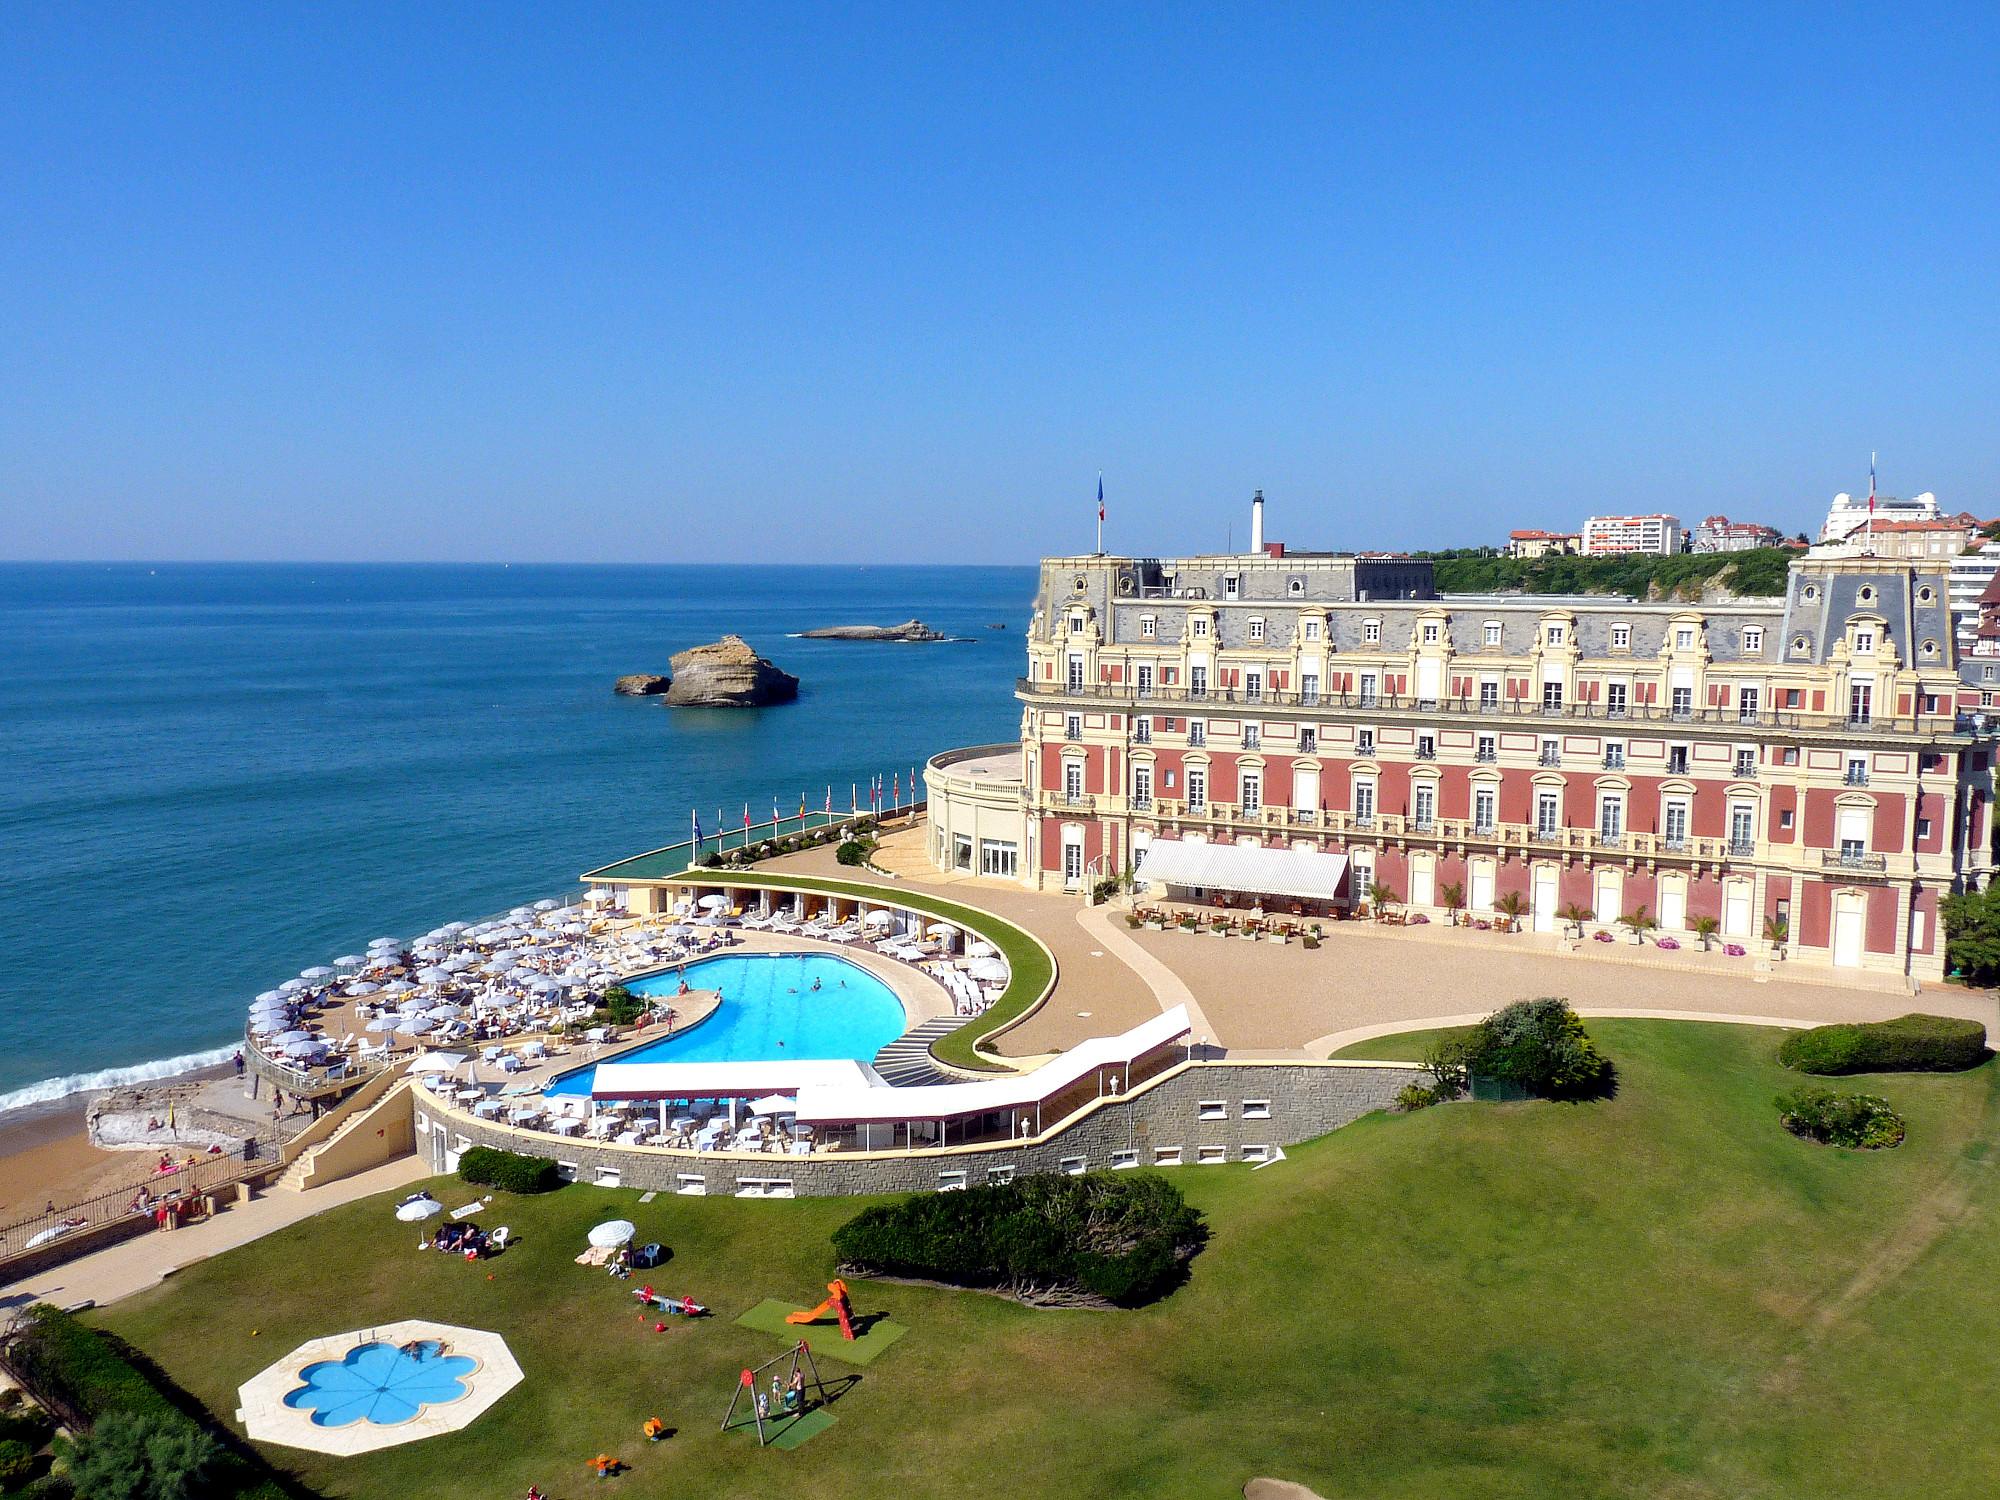 Le duc et la duchesse de cambridge biarritz noblesse - Prix chambre hotel du palais biarritz ...